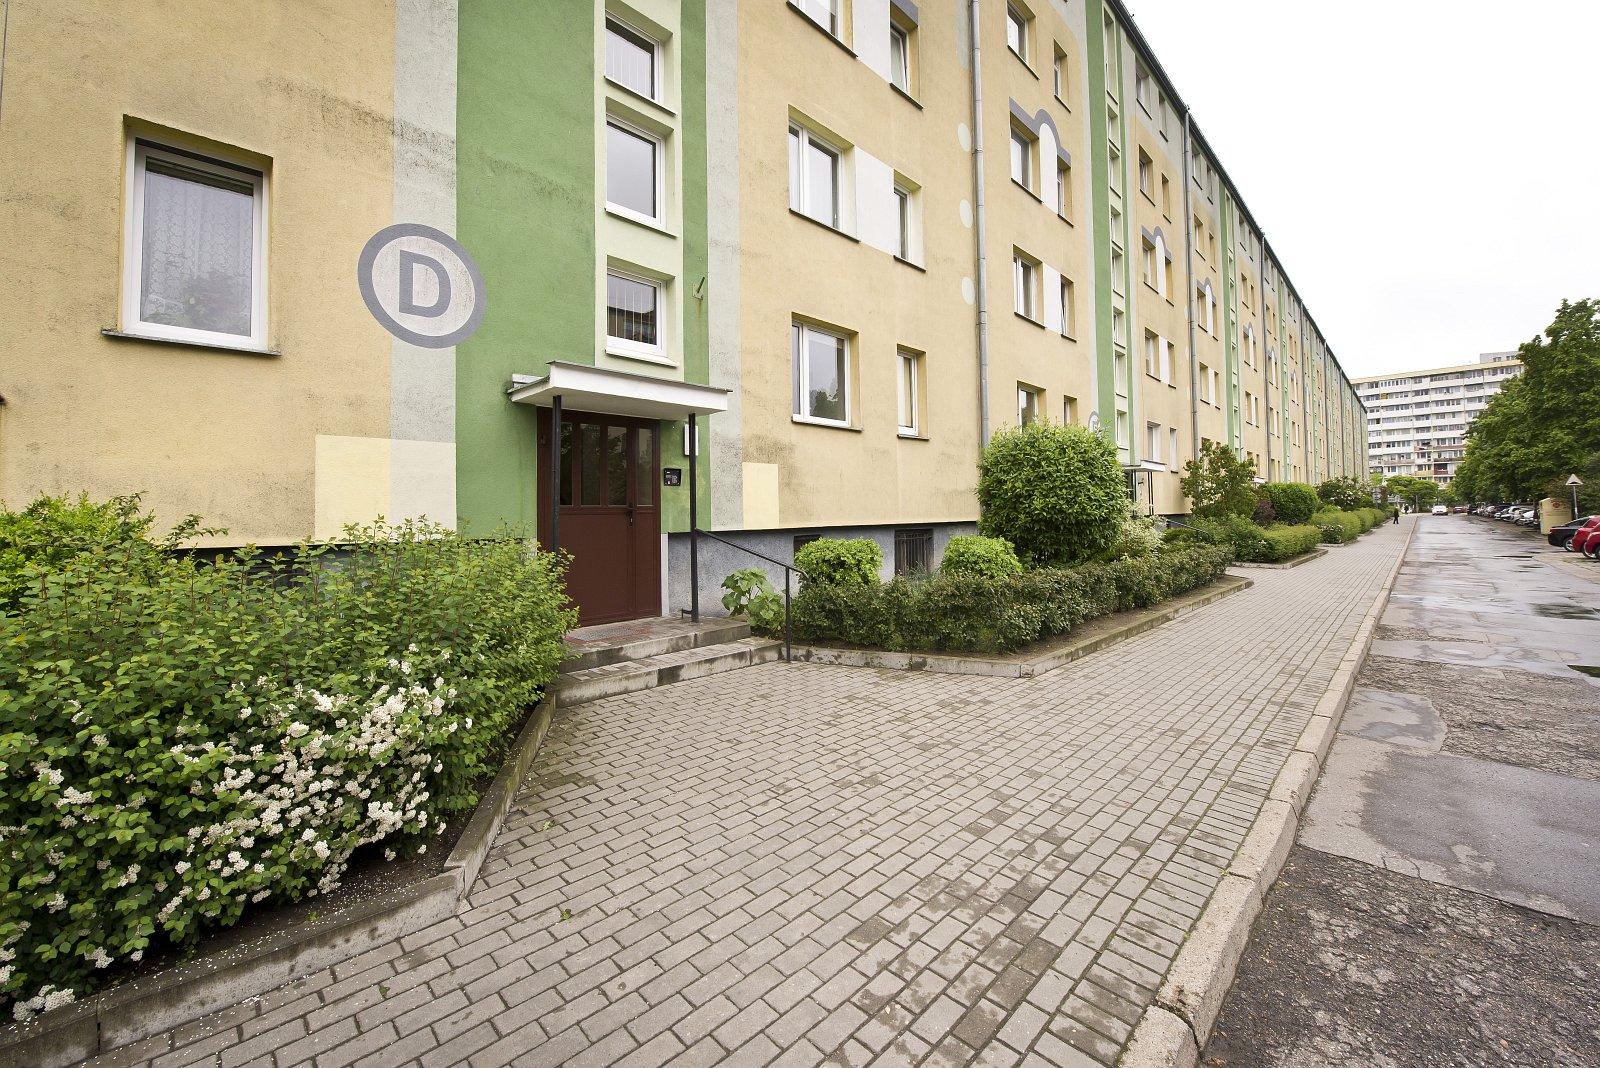 mieszkanie-wynajem-gdansk-ch-05-01web